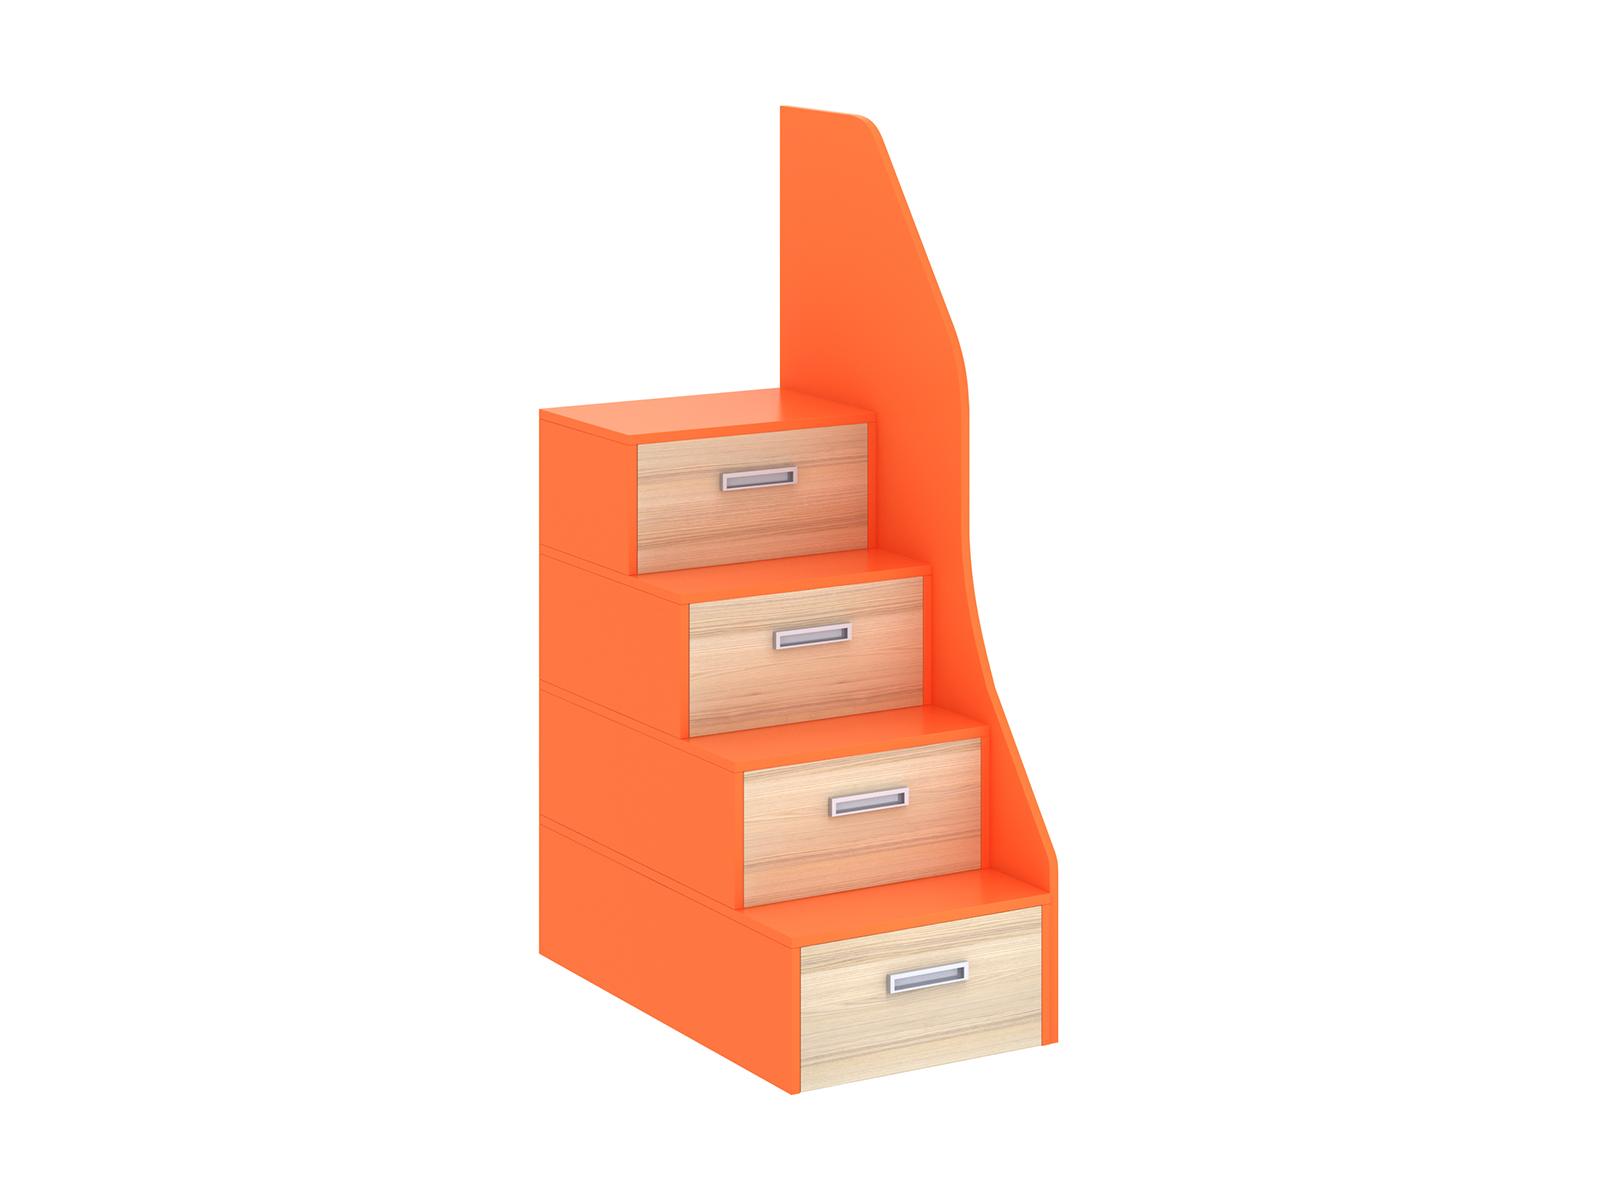 Лестница-комод PinokkioДетские комоды<br>Лестница идёт в дополнение к секции для двухъярусной кровати.&amp;amp;nbsp;&amp;lt;div&amp;gt;В ступеньках лестницы размещаются выдвижные ящики.&amp;lt;/div&amp;gt;<br><br>Material: ДСП<br>Ширина см: 60<br>Высота см: 172<br>Глубина см: 106